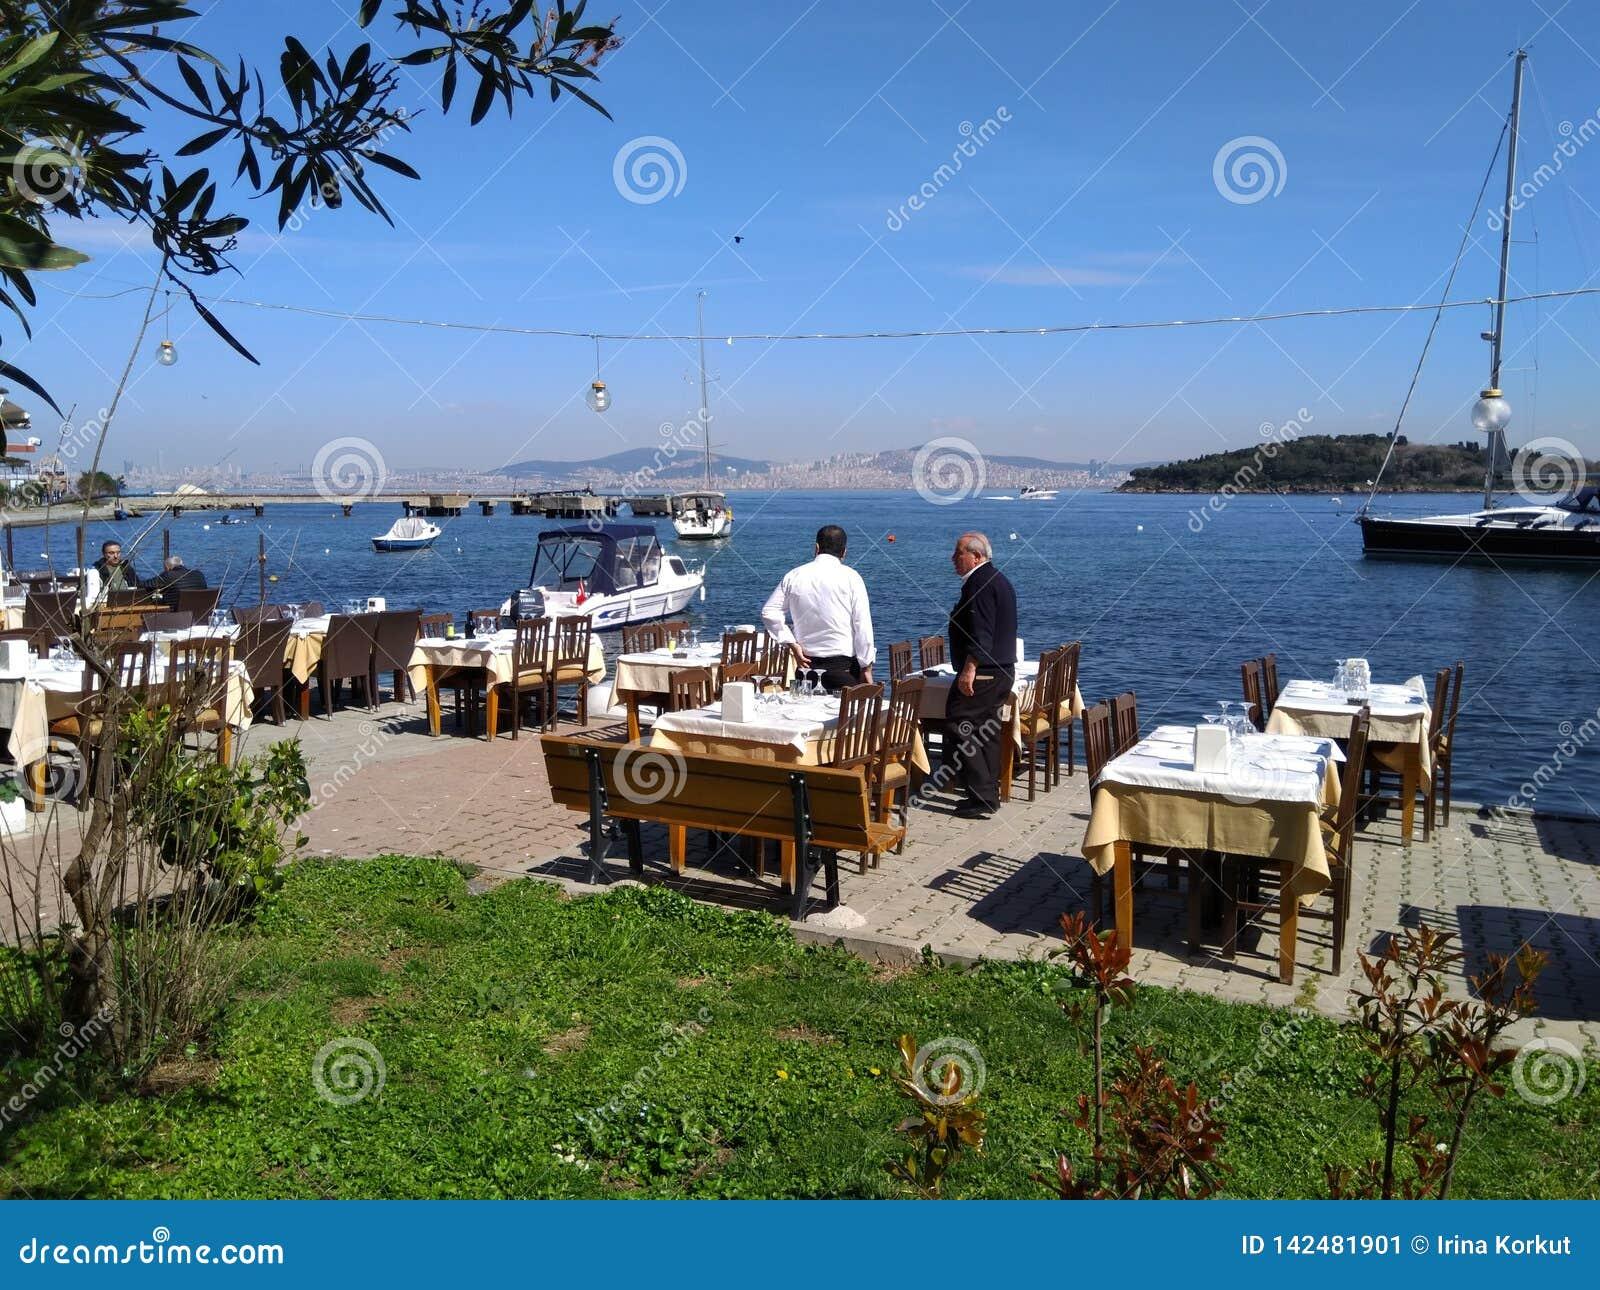 Bardzo ładna plenerowa restauracja z jachtami i dennym widokiem